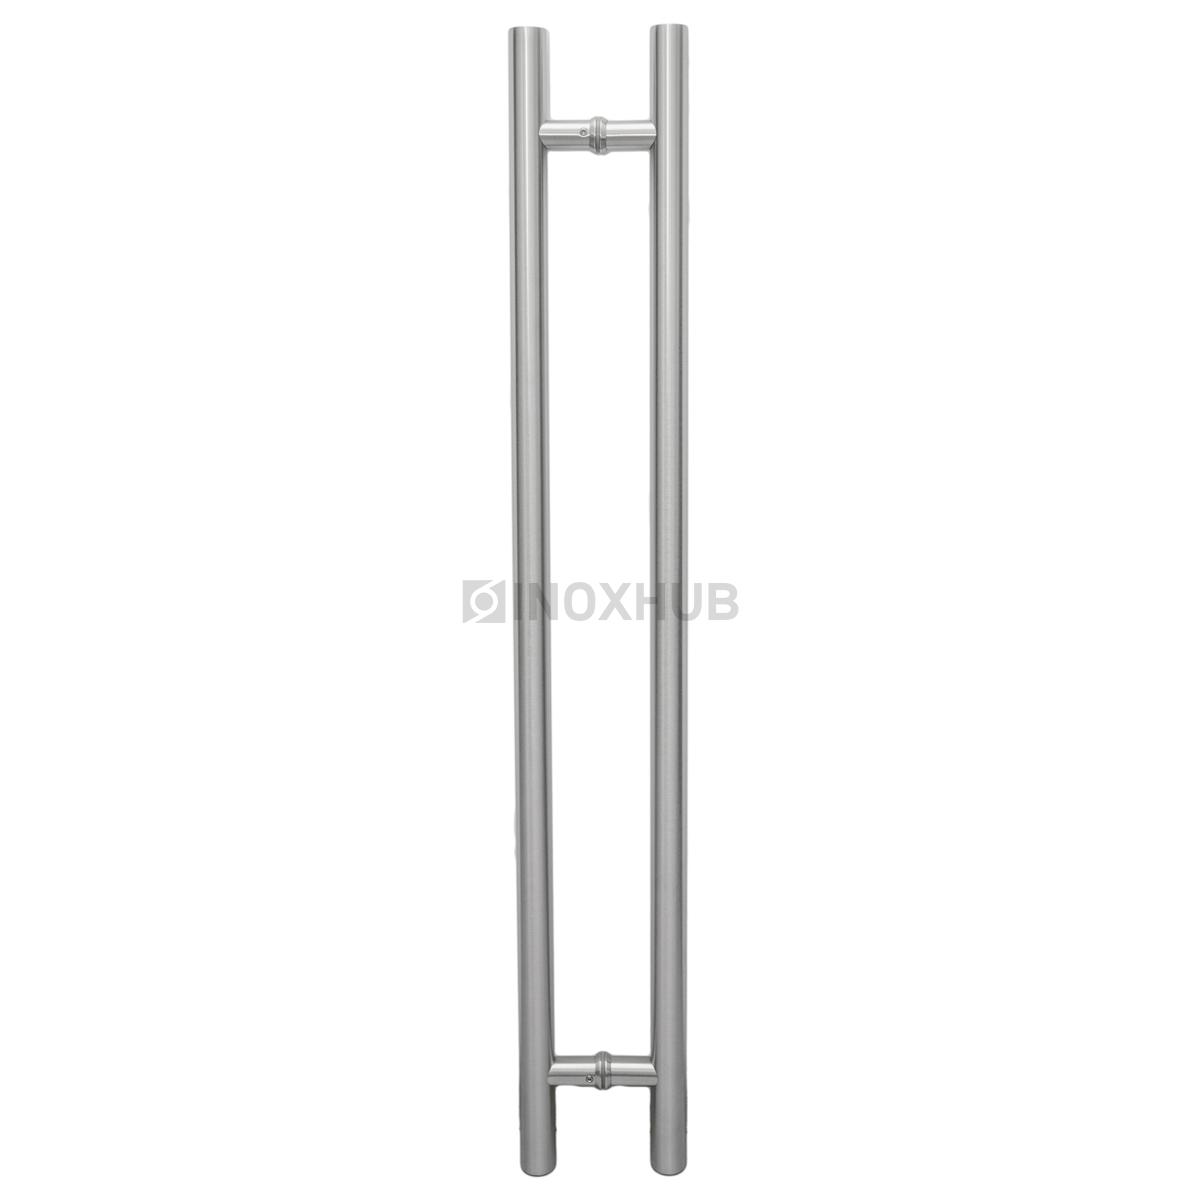 Ручка (633-1000 SSS) 32×825×1000 мм, для стекла 8-12 мм, нерж. сталь шлиф.